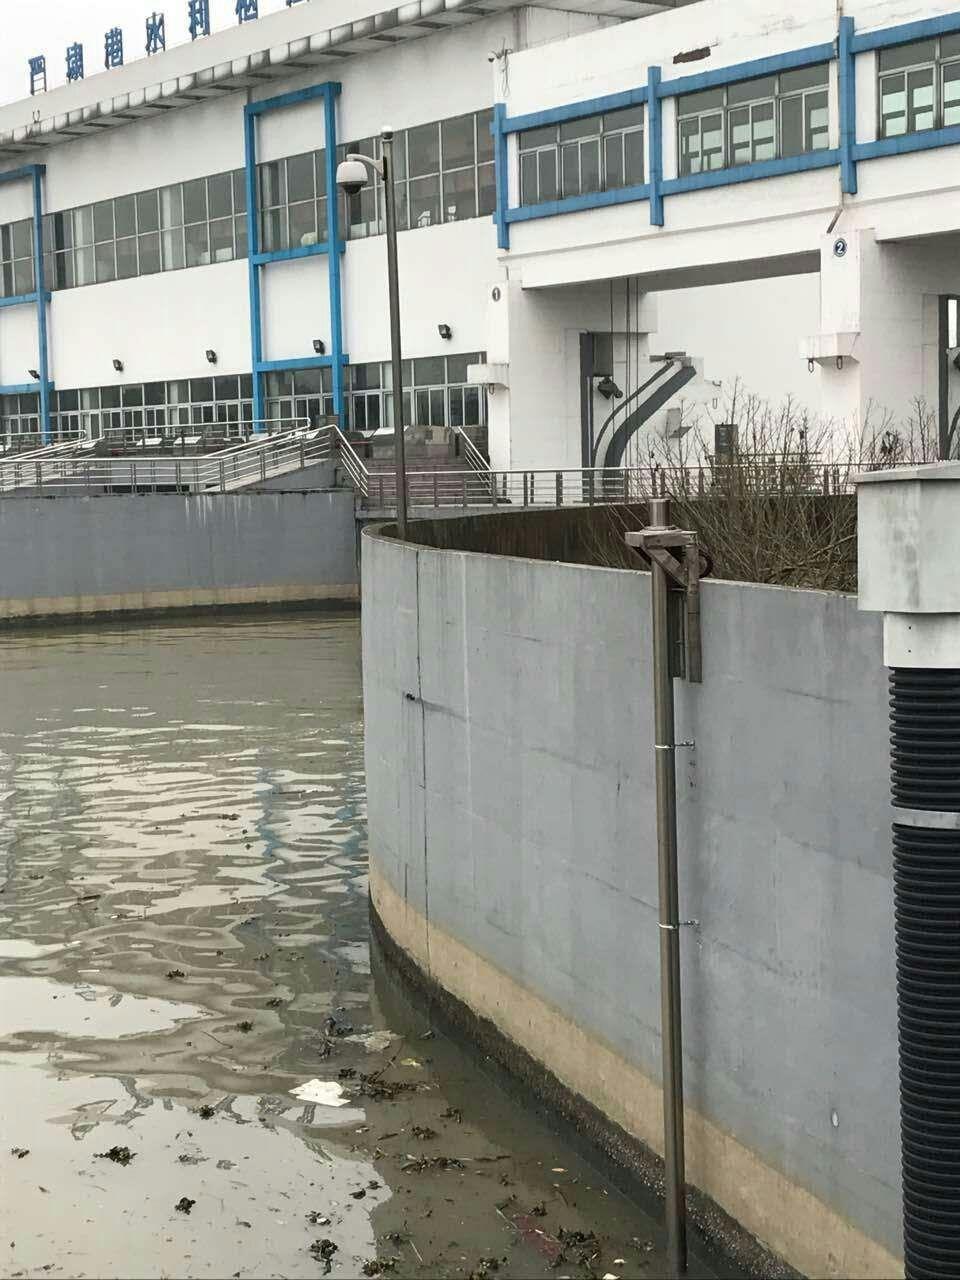 浮子式长量程激光液位传感器在无锡江尖水利工程应用